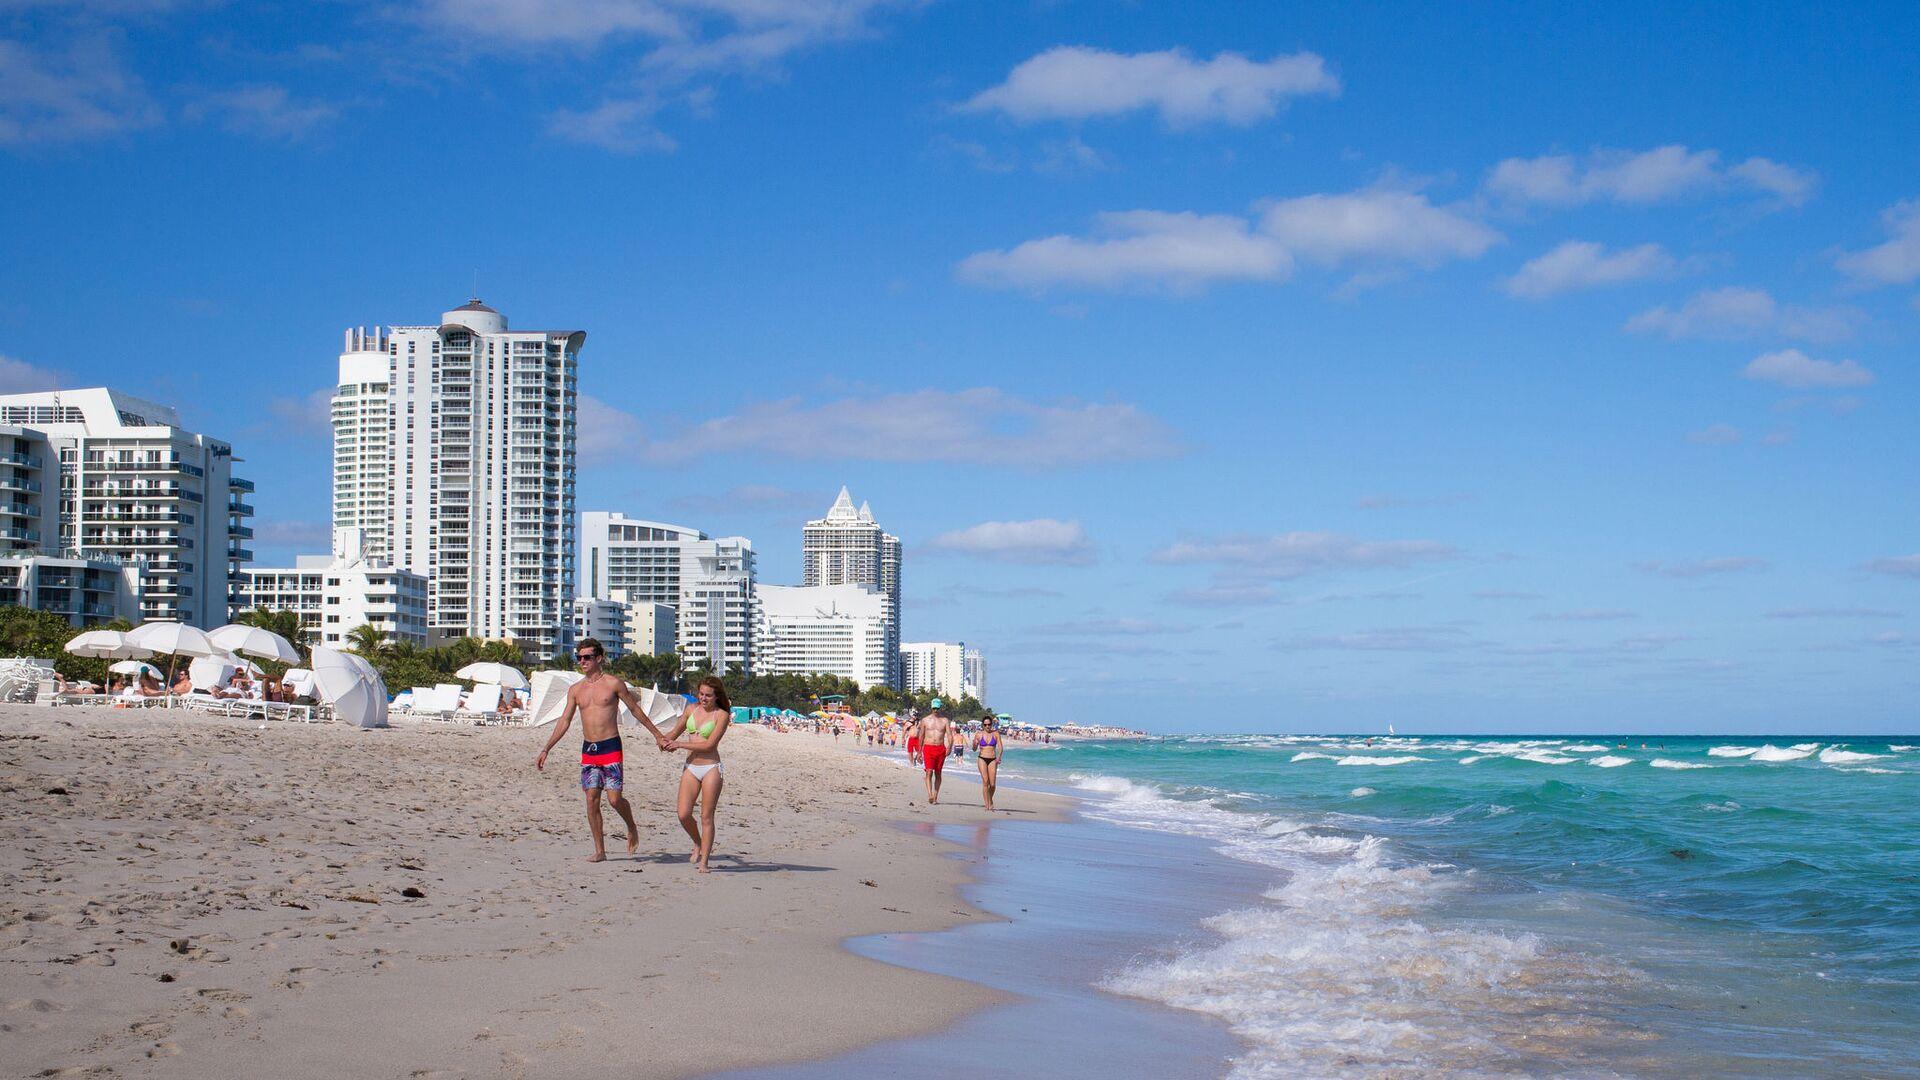 Plaża w Miami, USA - Sputnik Polska, 1920, 04.07.2021